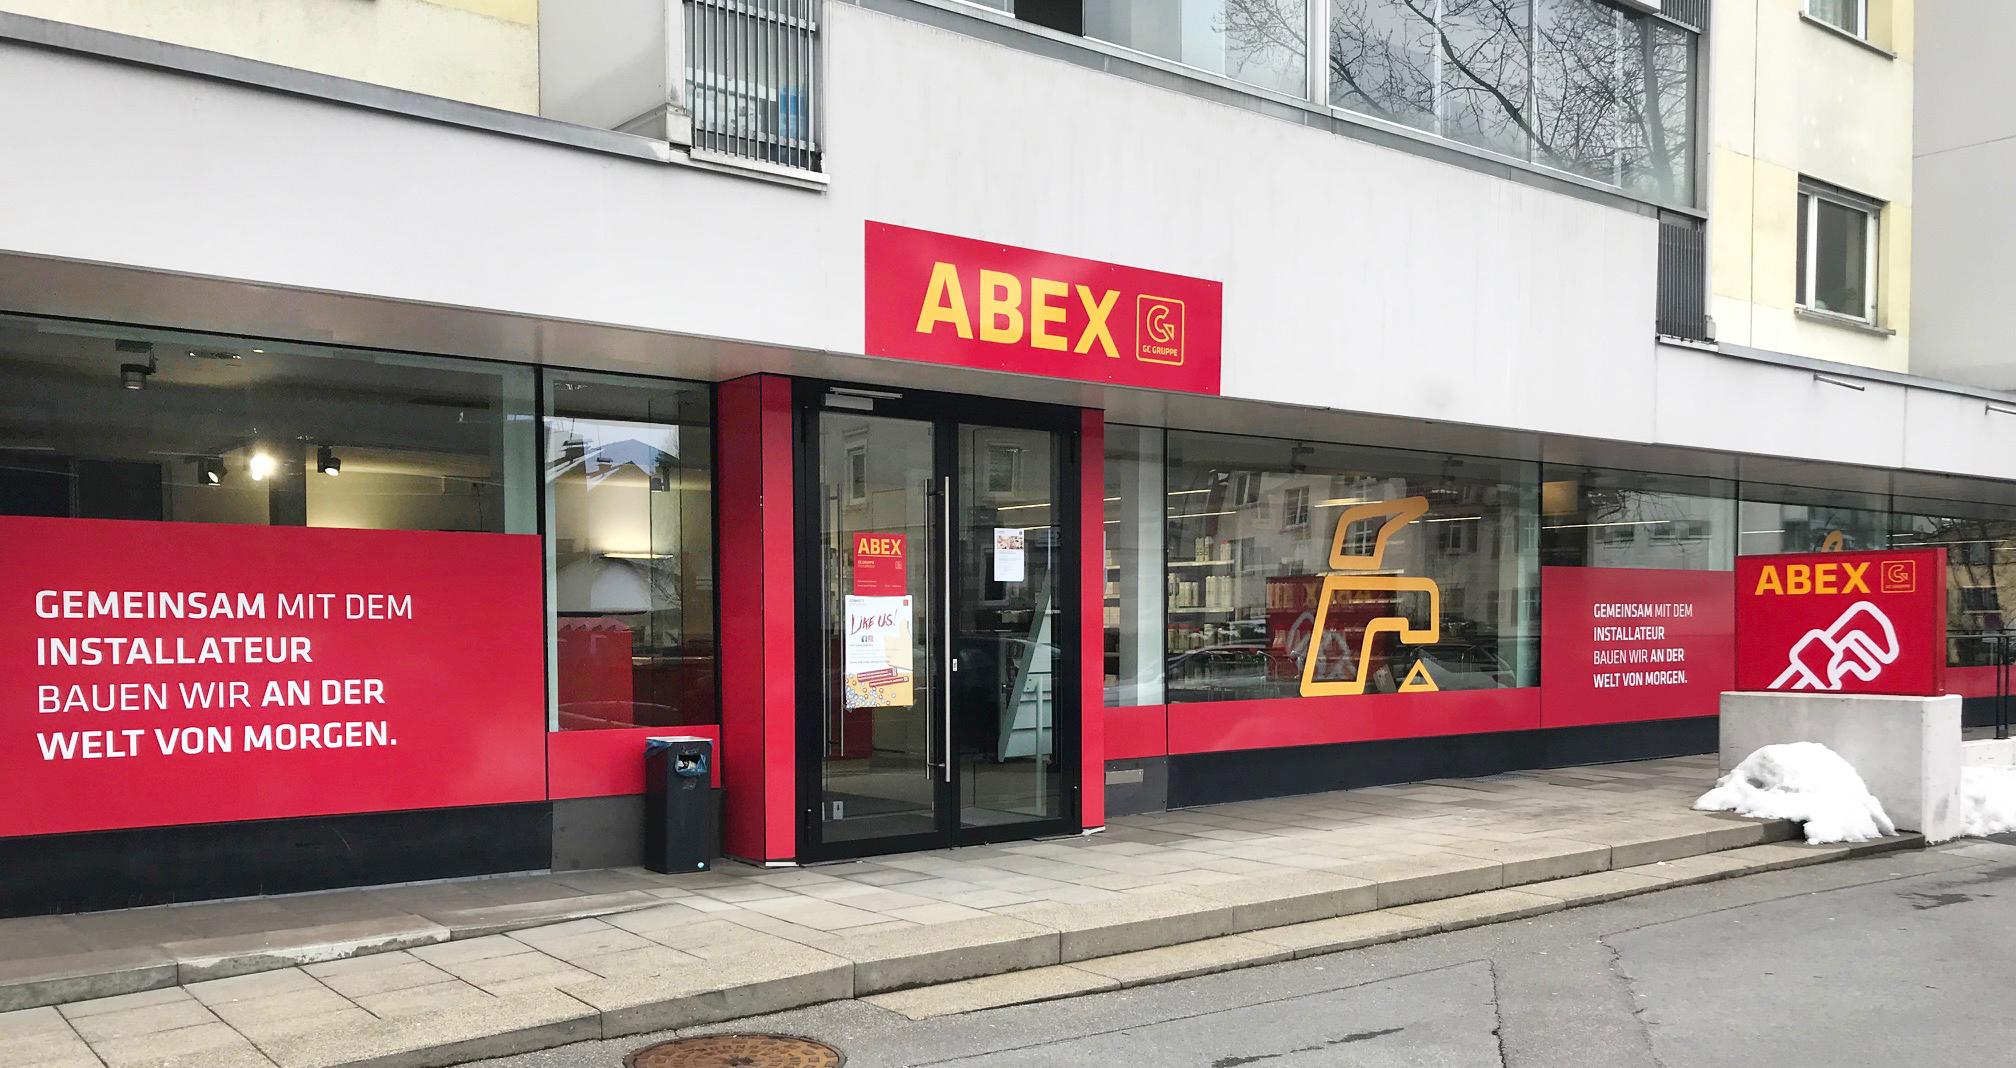 ABEX SCHMIDT'S HAUSTECHNIK